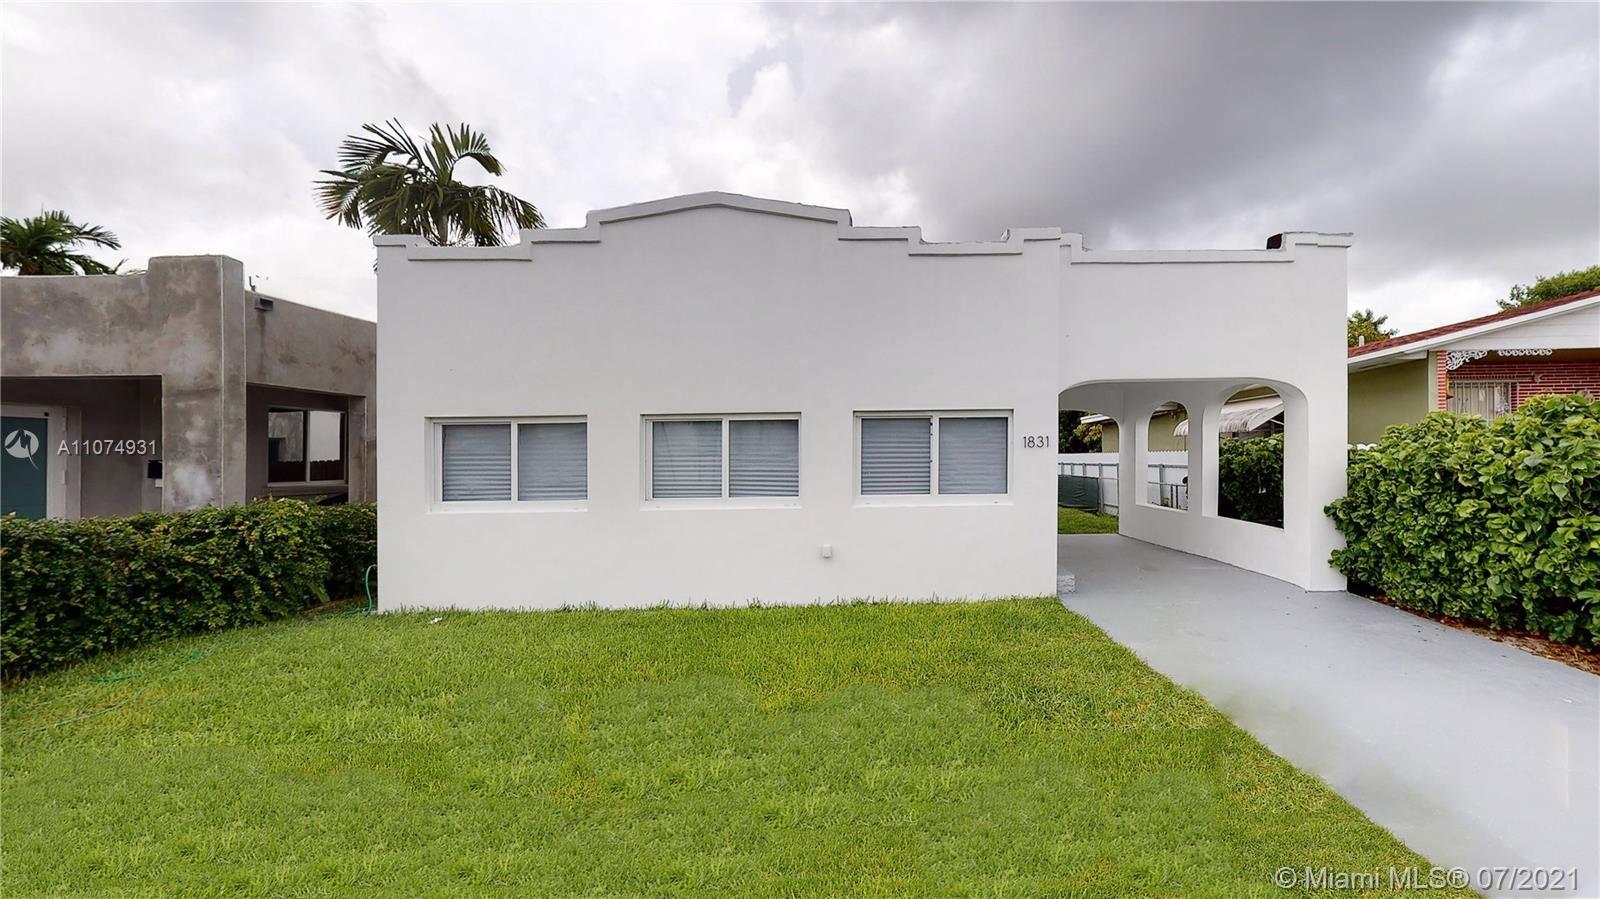 1831 NW 47th Ter, Miami, FL 33142 - #: A11074931